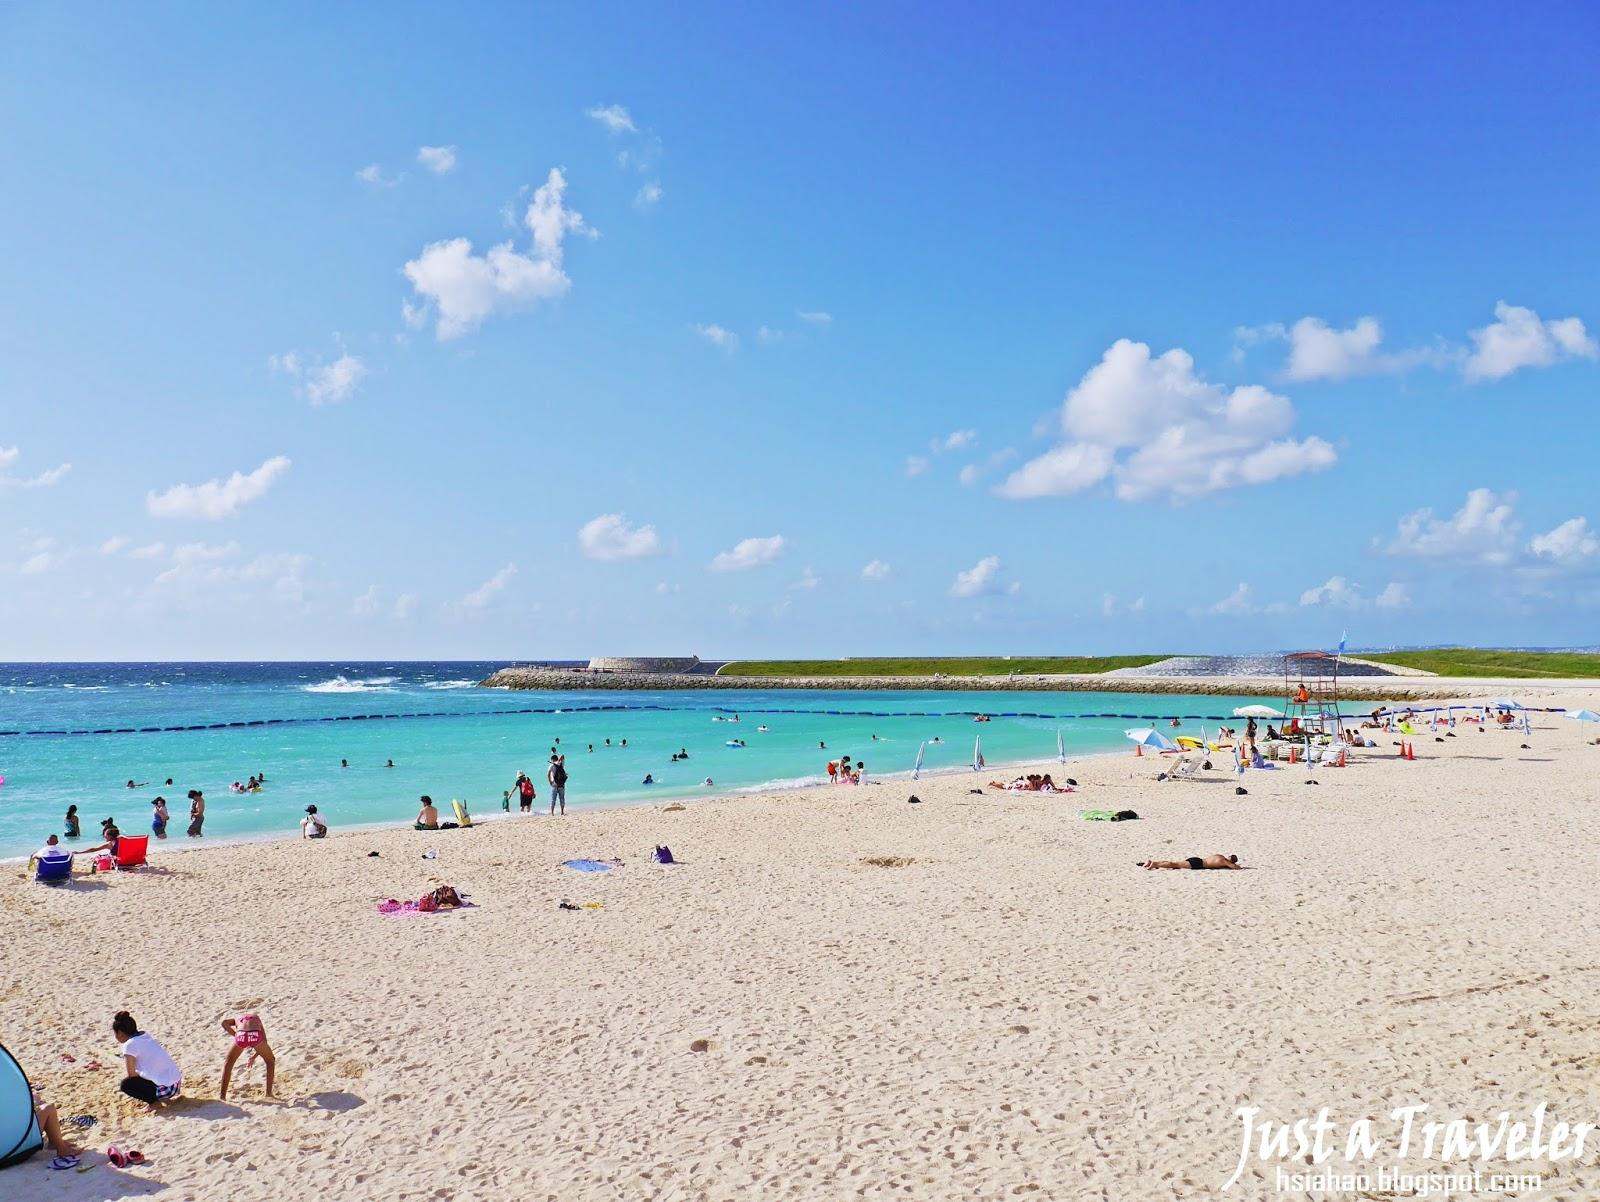 沖繩-海灘-推薦-熱帶海灘-Tropical-Beach-トロピカルビーチ-Okinawa-beach-recommendation